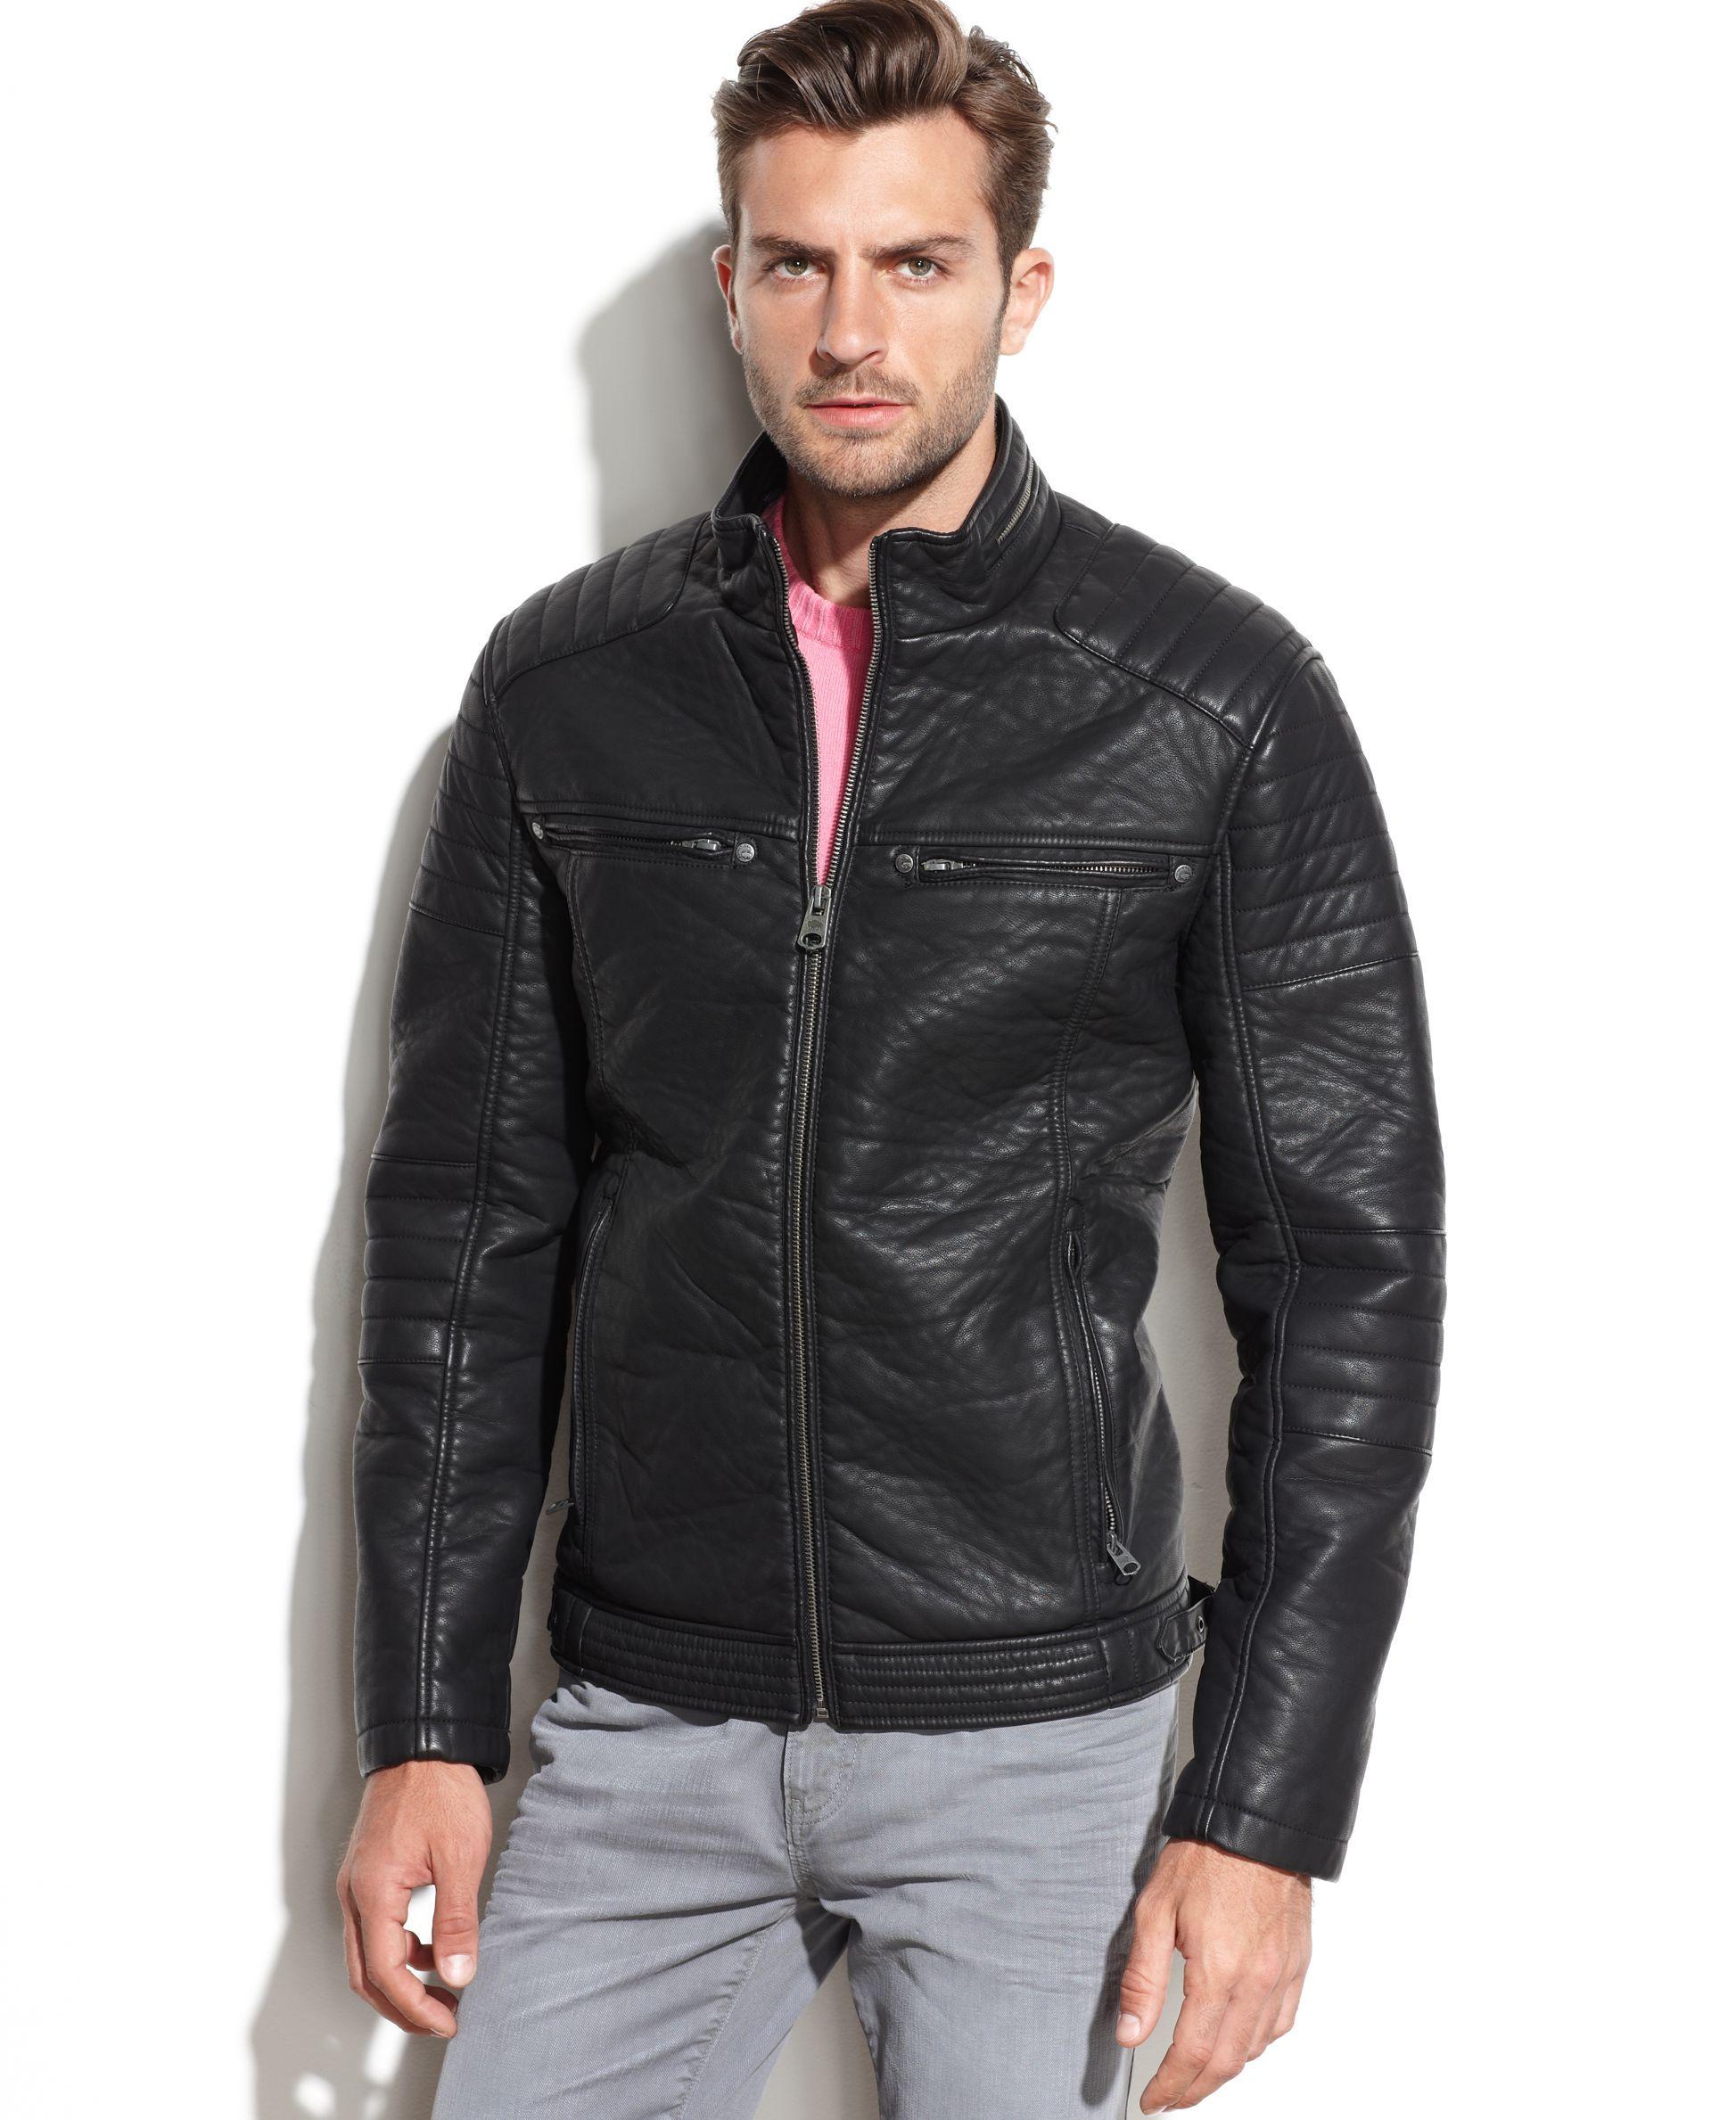 Buffalo David Bitton Faux Leather Moto Jacket Coats Jackets Men Macy S Faux Leather Moto Jacket Jackets Leather Jacket Men